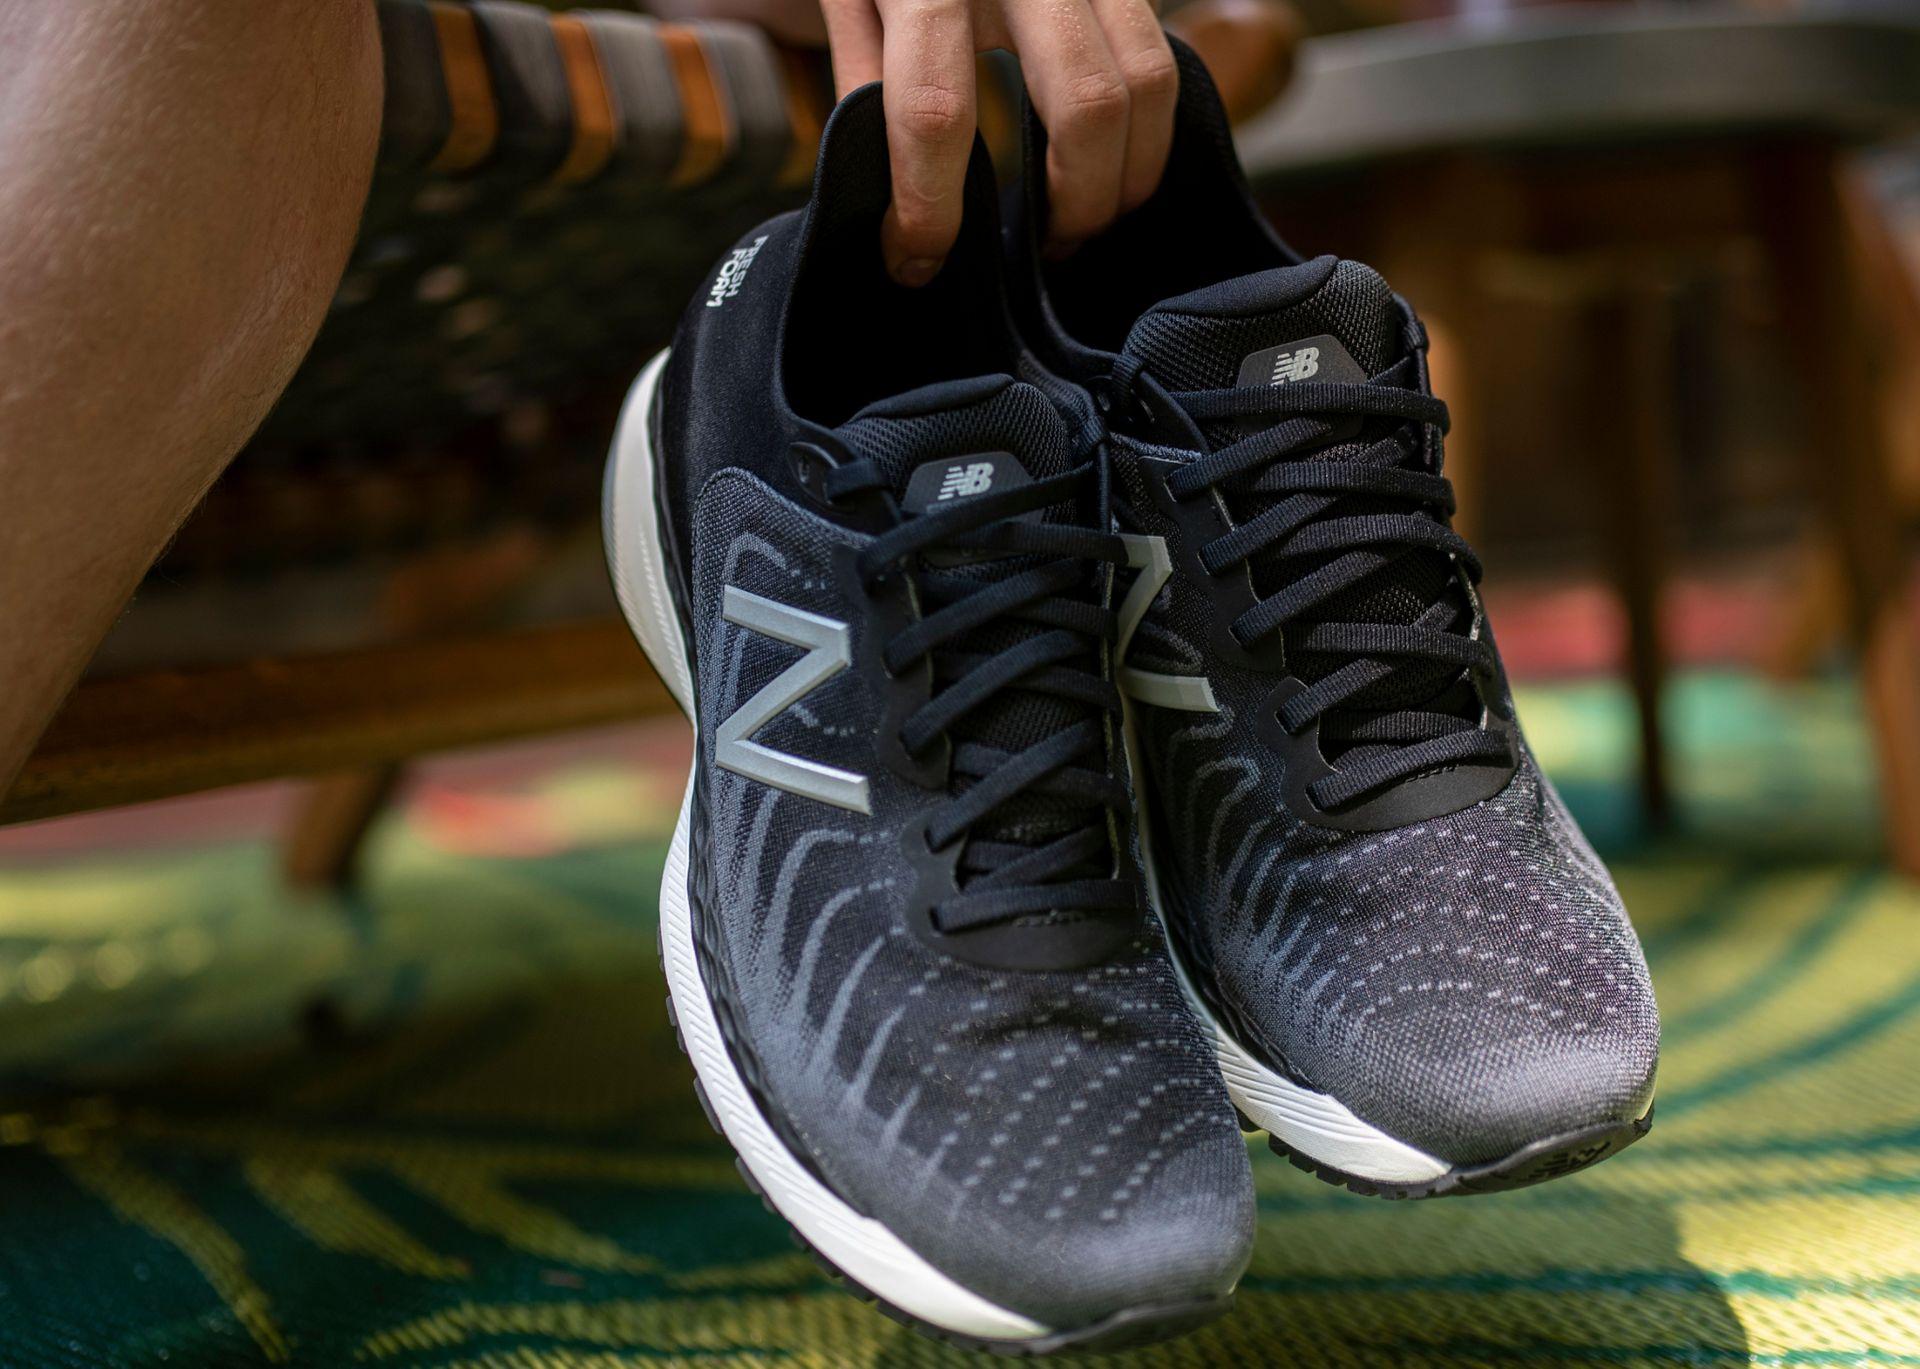 Viscoso corpulento ferro  Best New Balance Running Shoes 2020 | Buyer's Guide